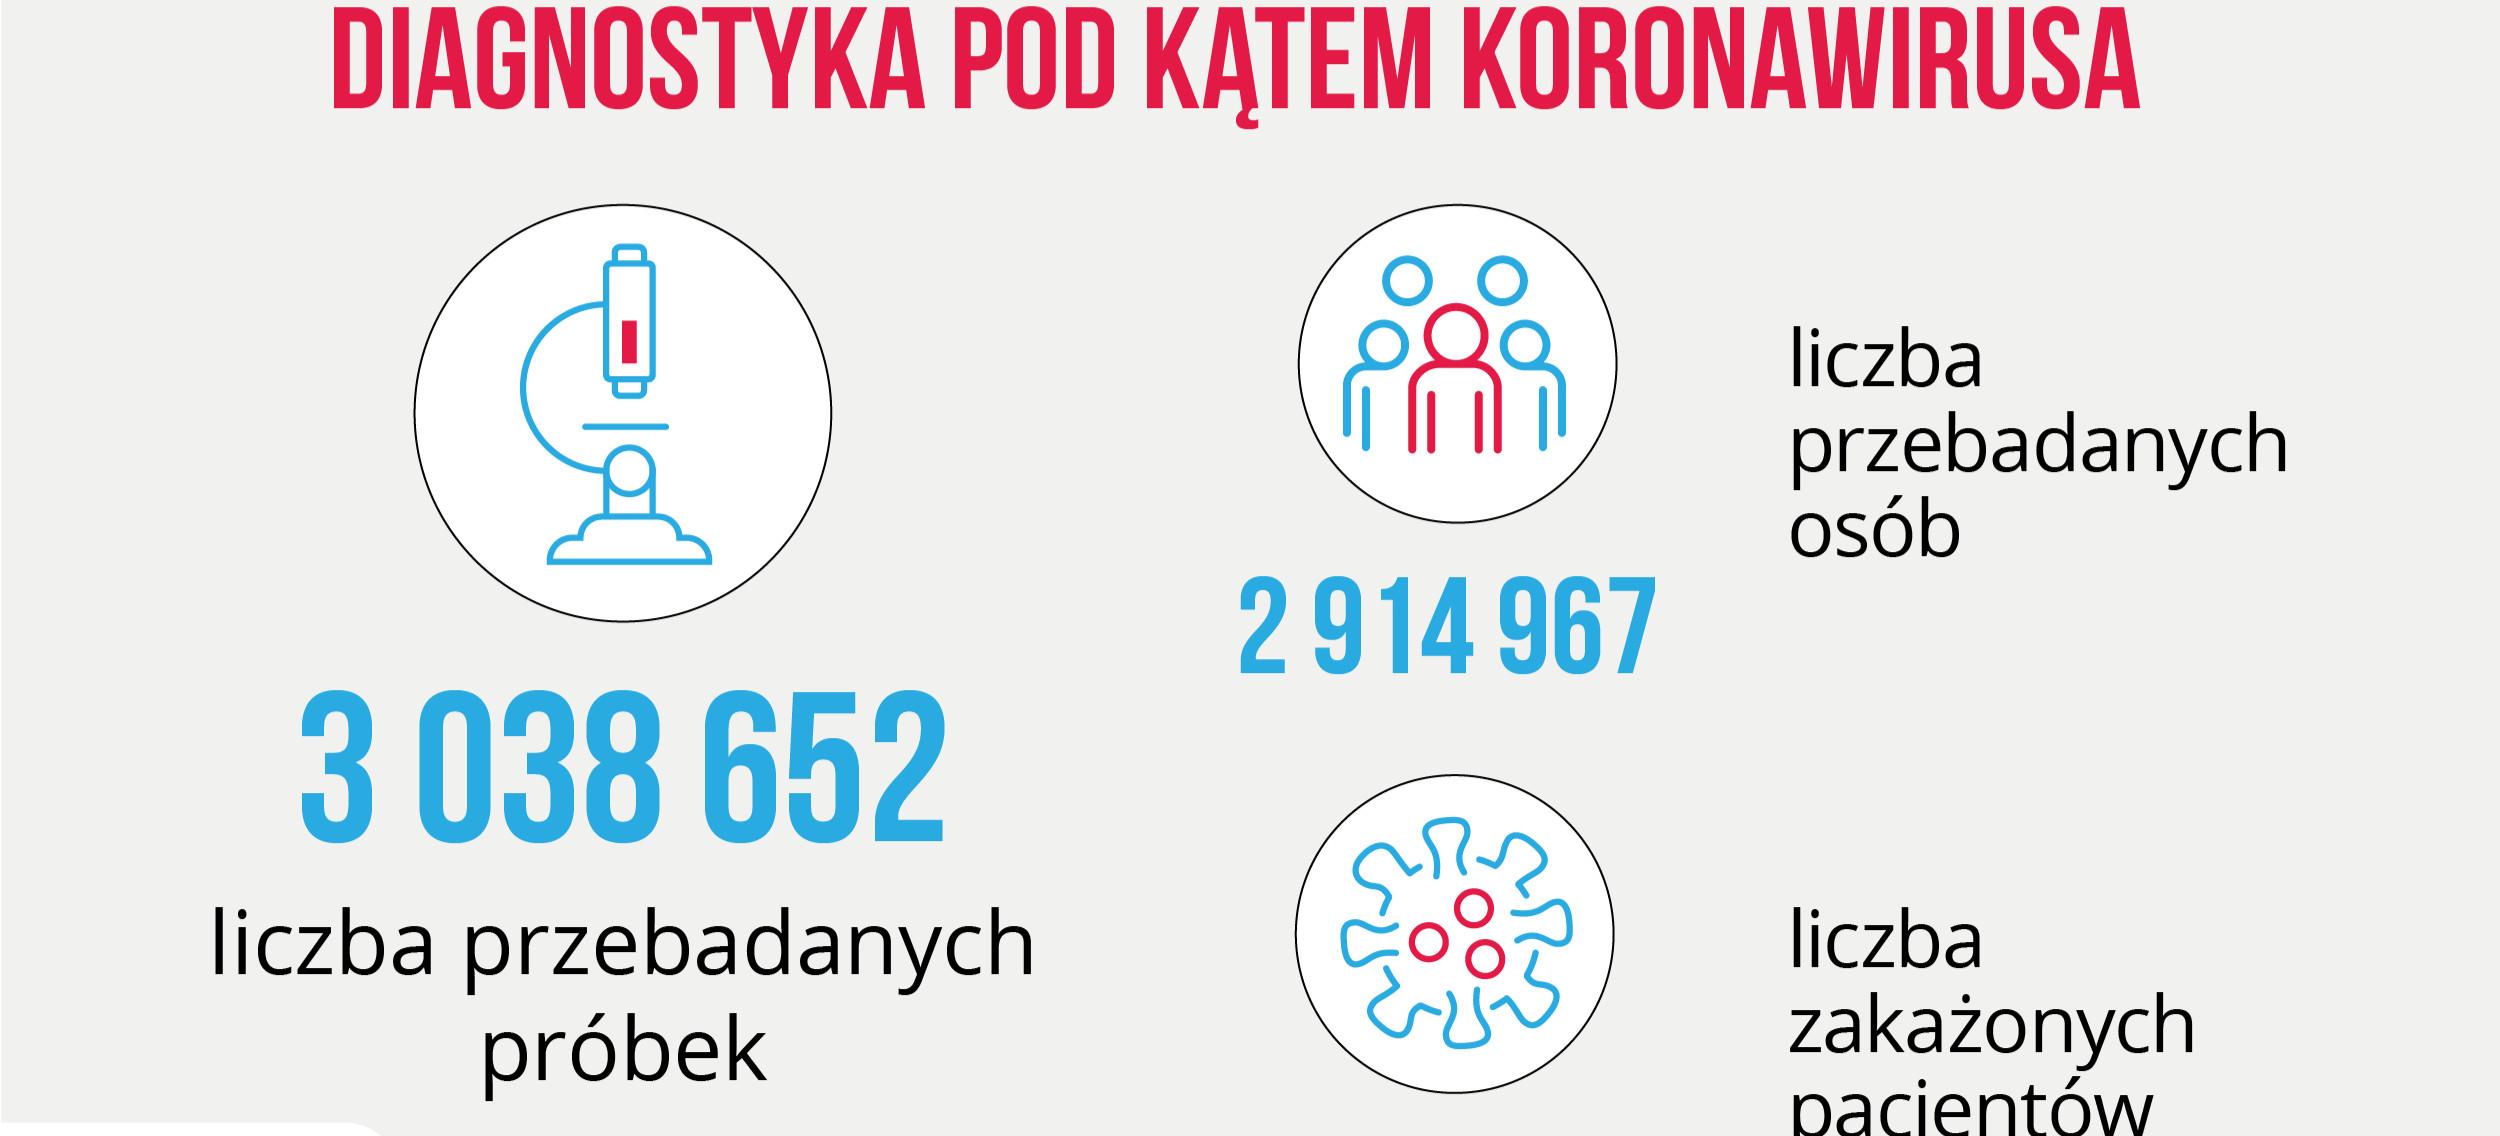 W ciągu doby wykonano ponad 21,9 tys. testów na COVID-19